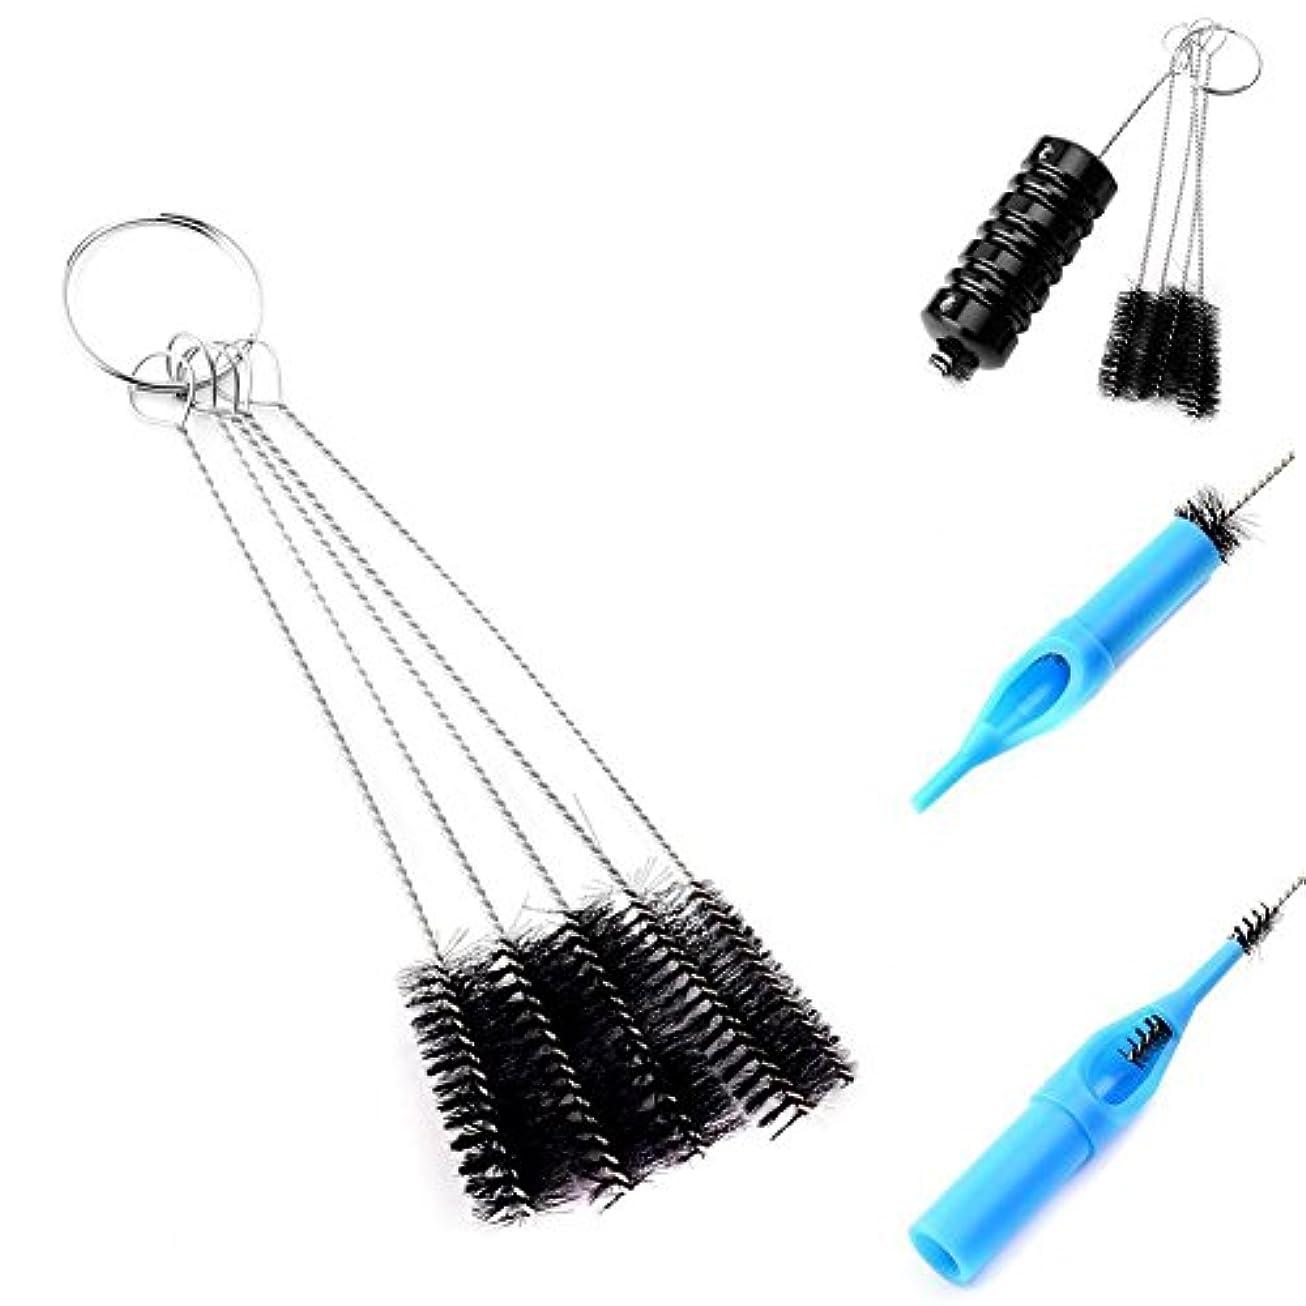 恥ハッピー絶望Demiawaking 5個 多機能ツール タトゥー機器 針ブラシ ブラシタトゥー洗浄用品